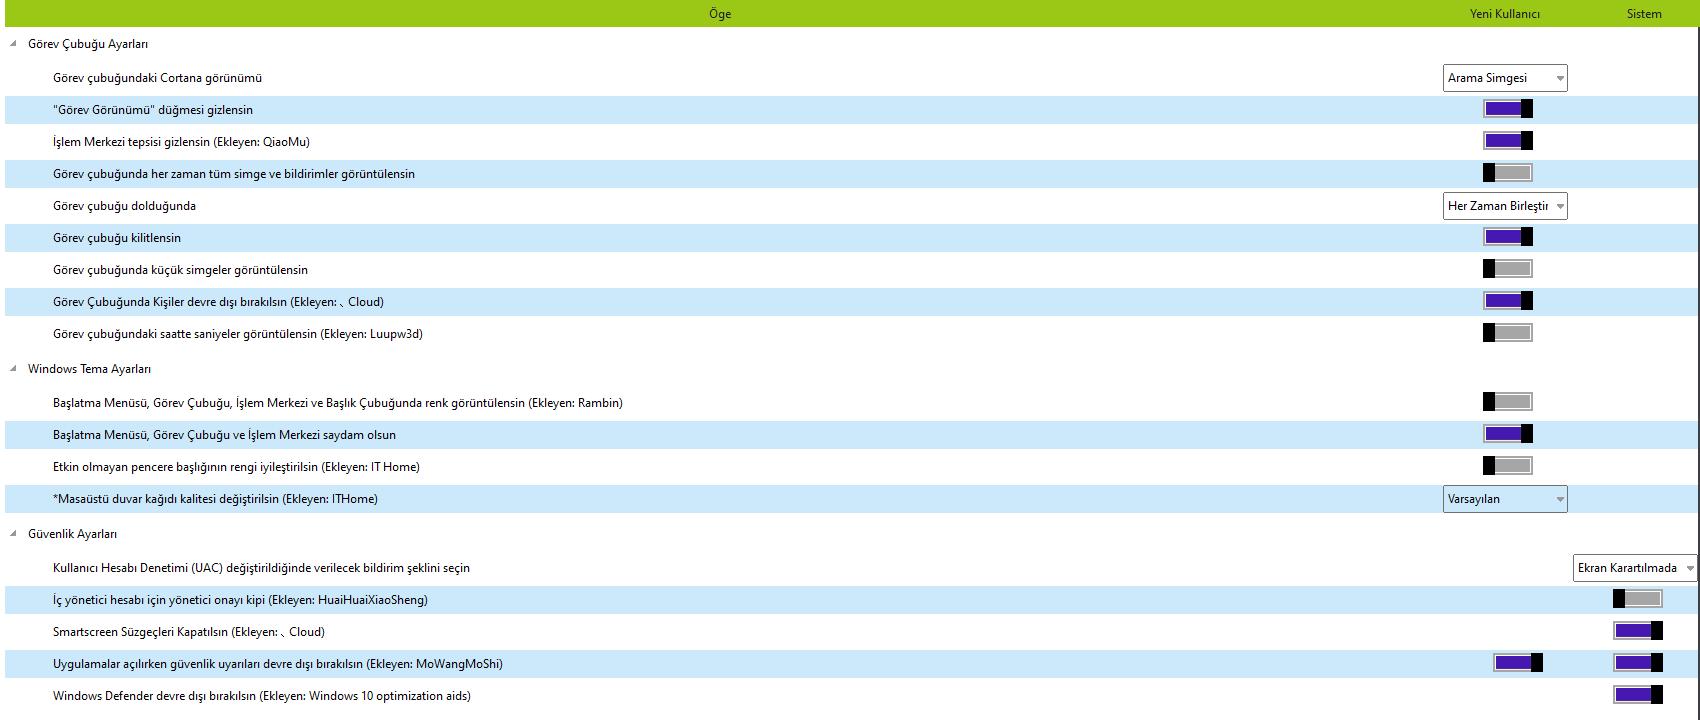 Windows10Pro Lite x64 20H12004 19041.421-2.2GB-Yandex